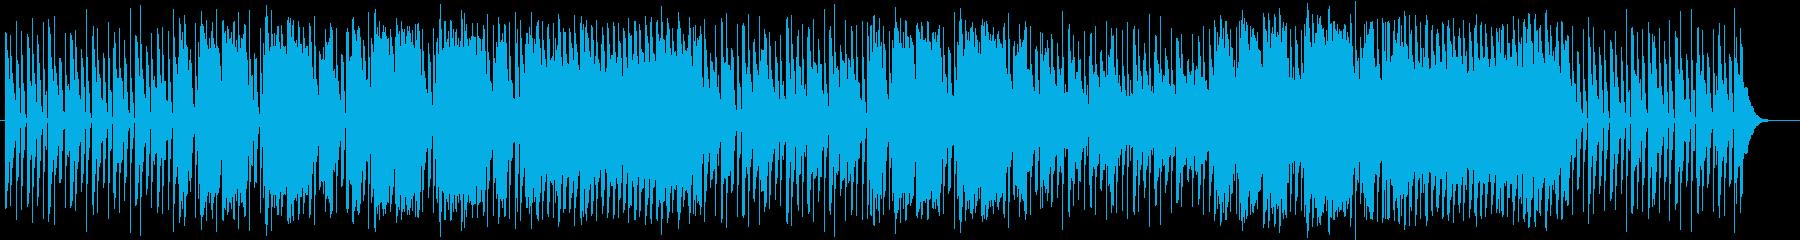 かわいい音のやわらかテクノの再生済みの波形